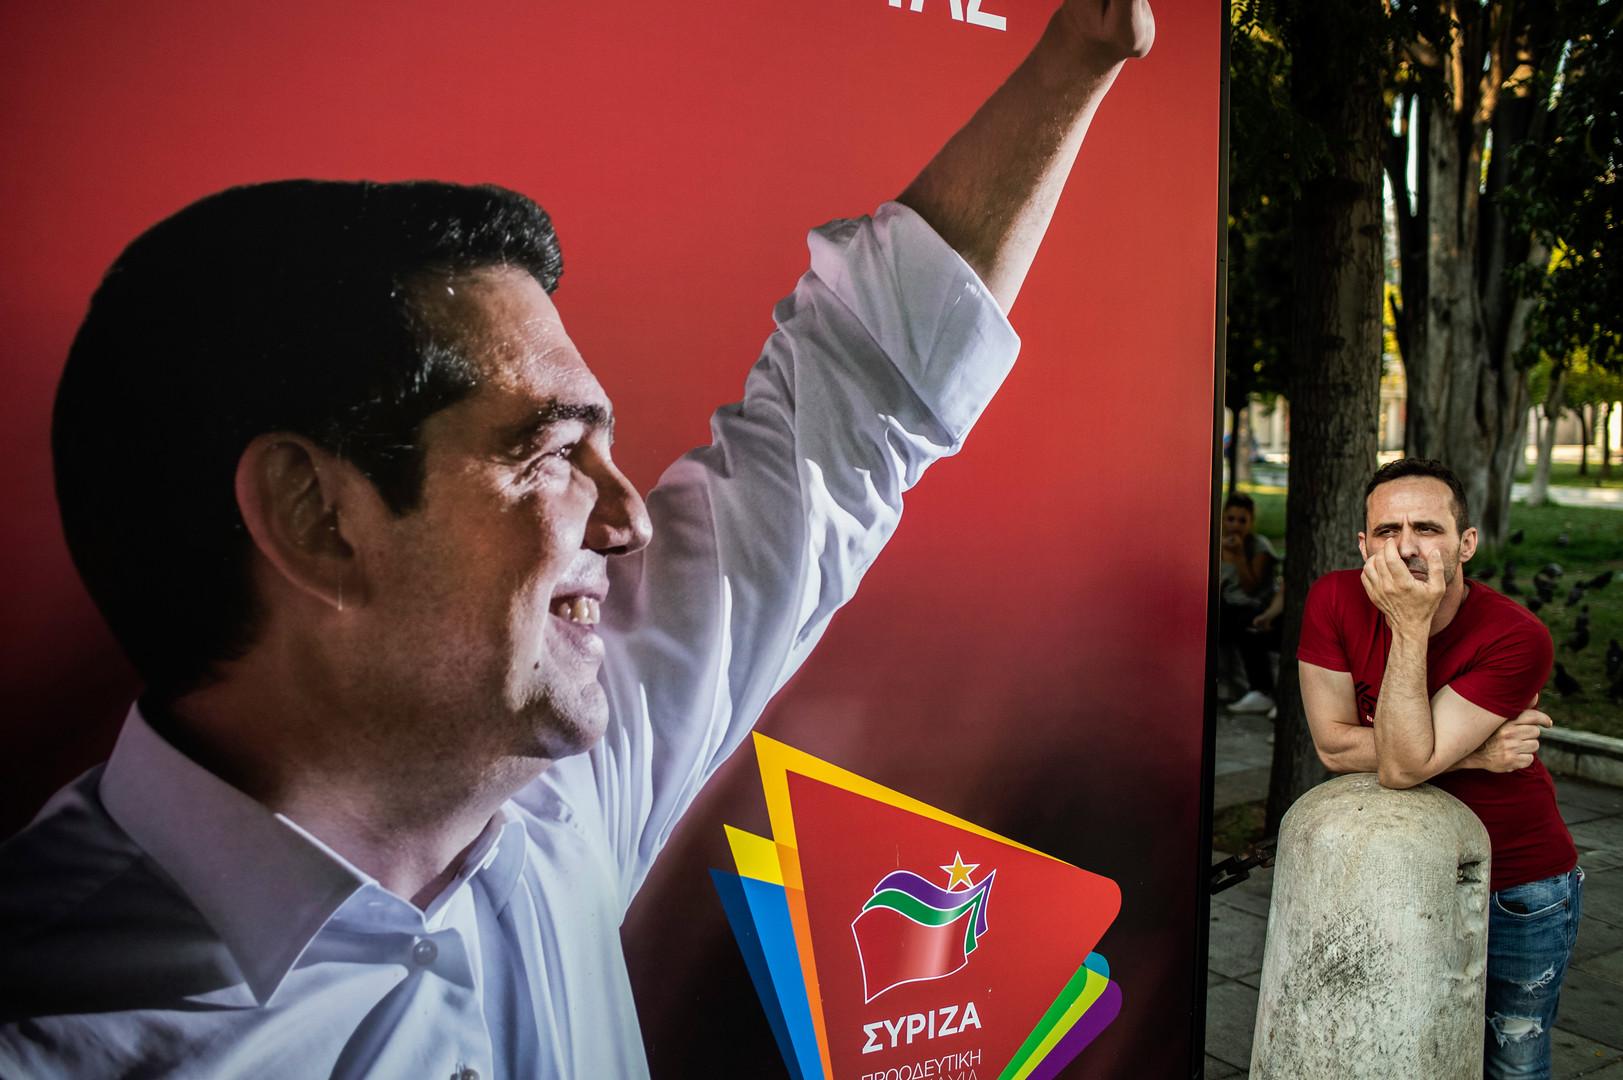 اليونان.. حزب تسيبراس يقر بخسارته في الانتخابات البرلمانية